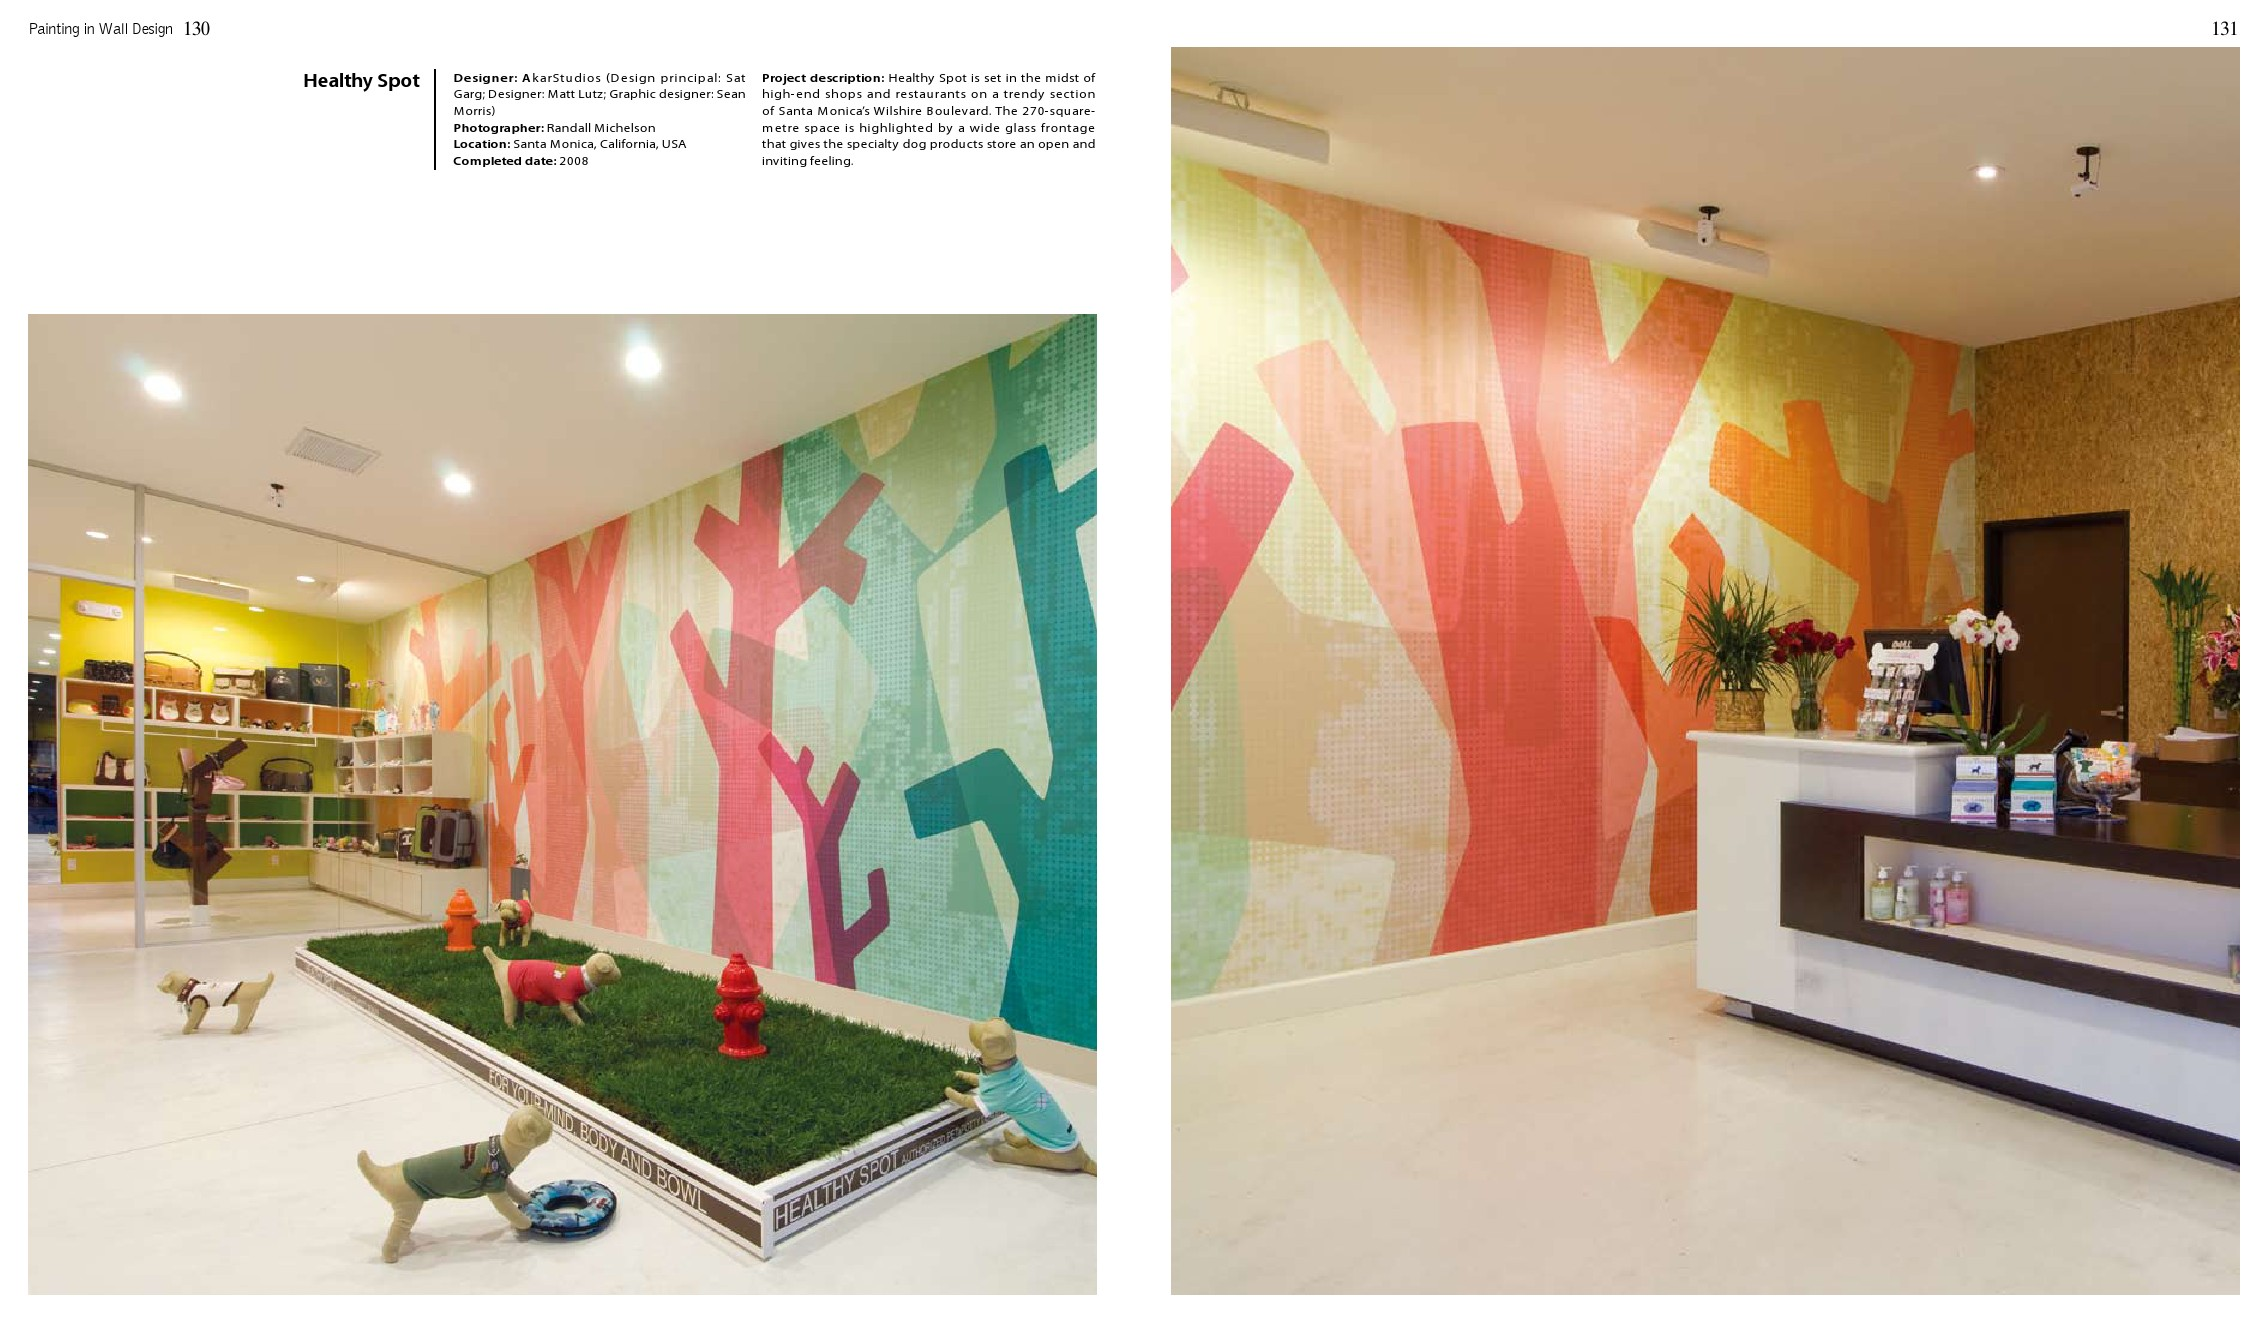 室内设计:墙绘在室内空间中的运用!百款创意墙绘等你找灵感